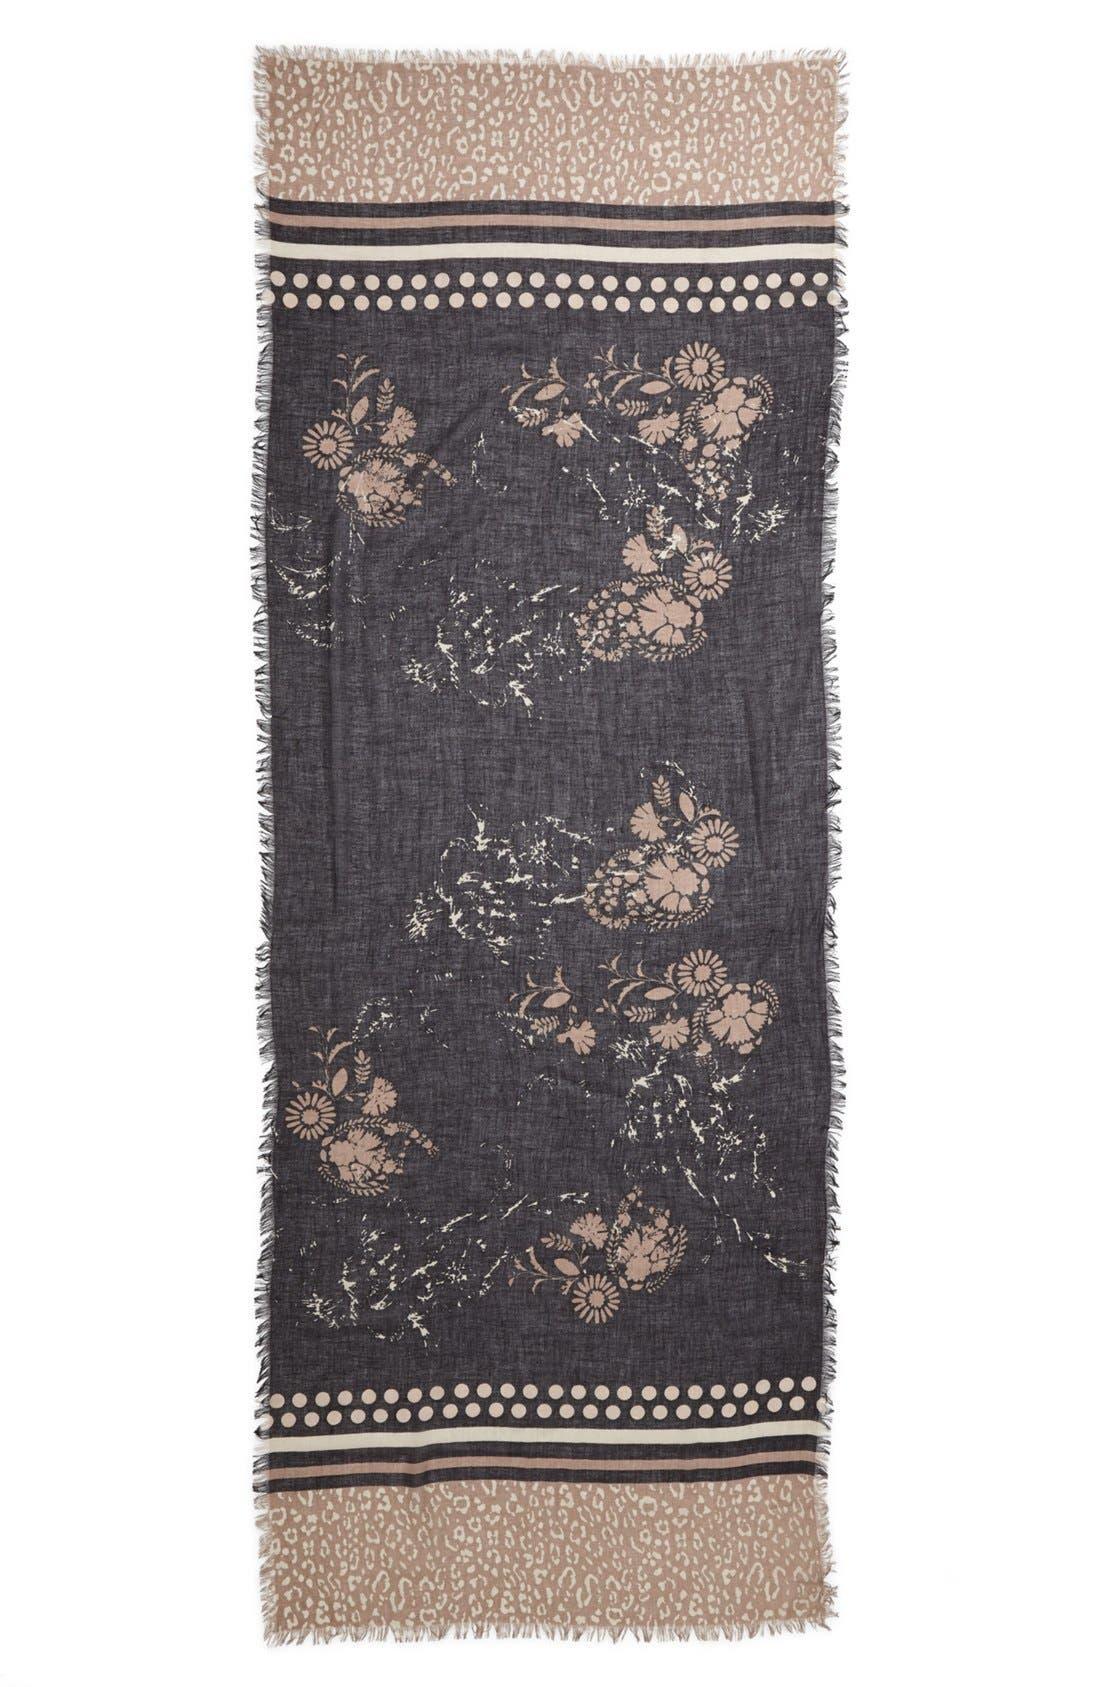 NORDSTROM,                             Vintage Floral Cashmere & Silk Scarf,                             Alternate thumbnail 2, color,                             001